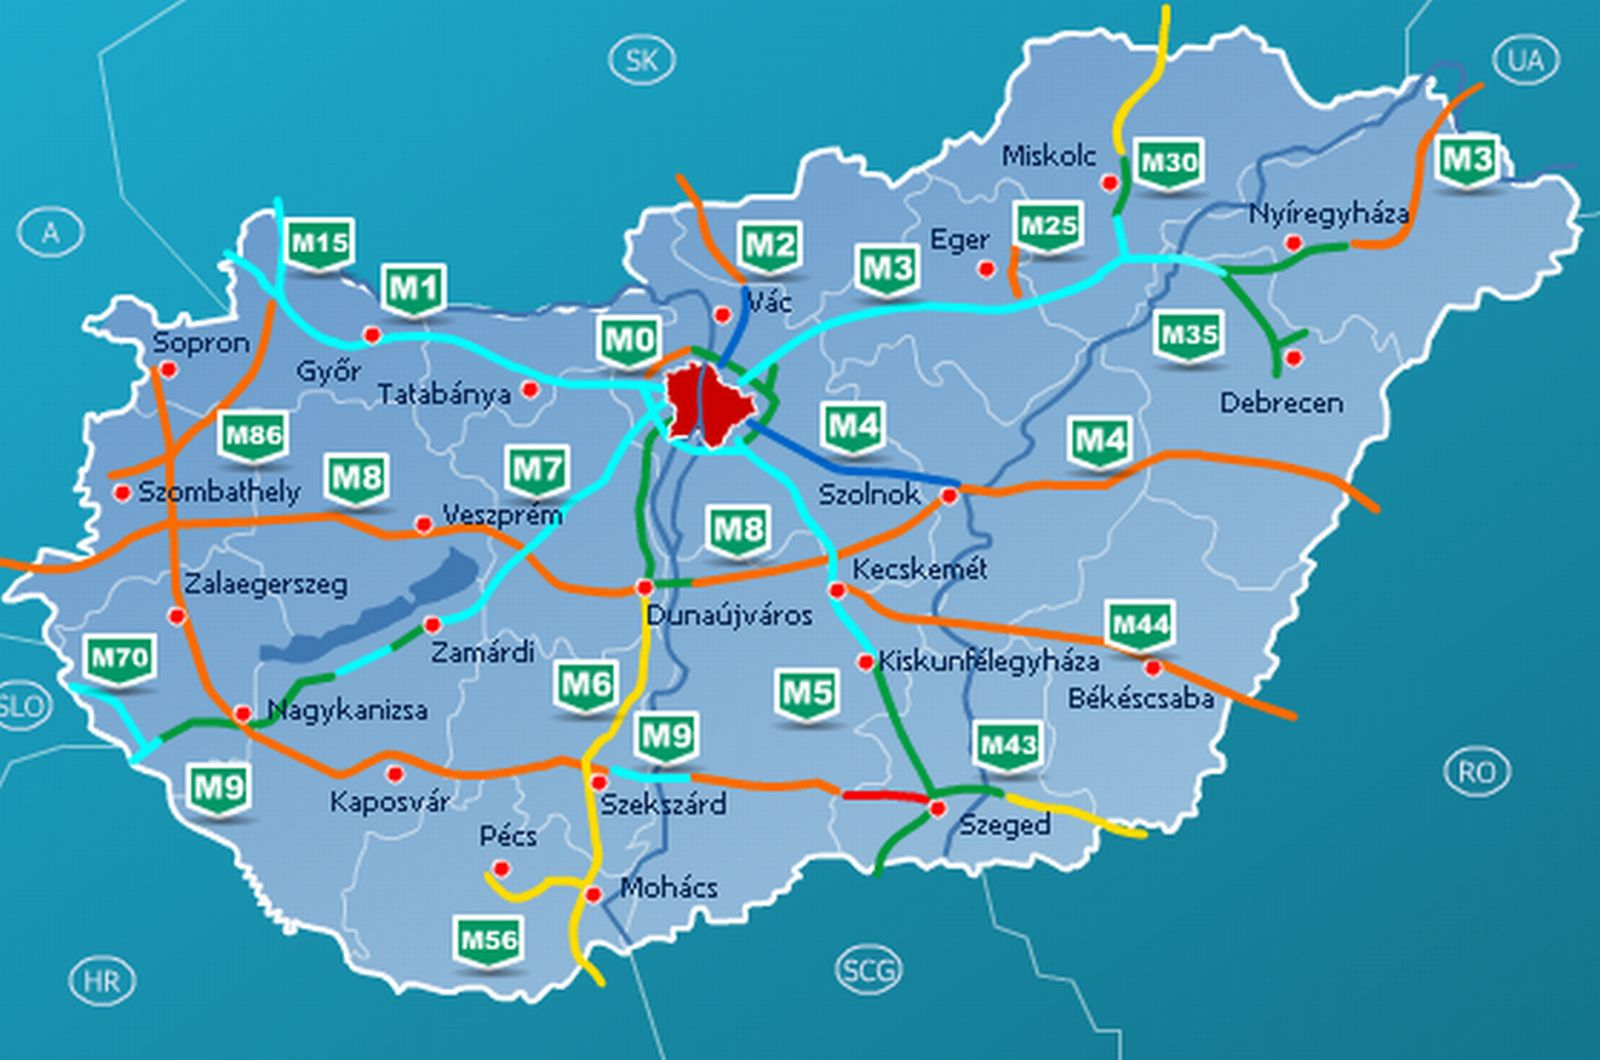 magyarország térkép autópályákkal Közlekedési földrajz | SuliTudásbázis magyarország térkép autópályákkal